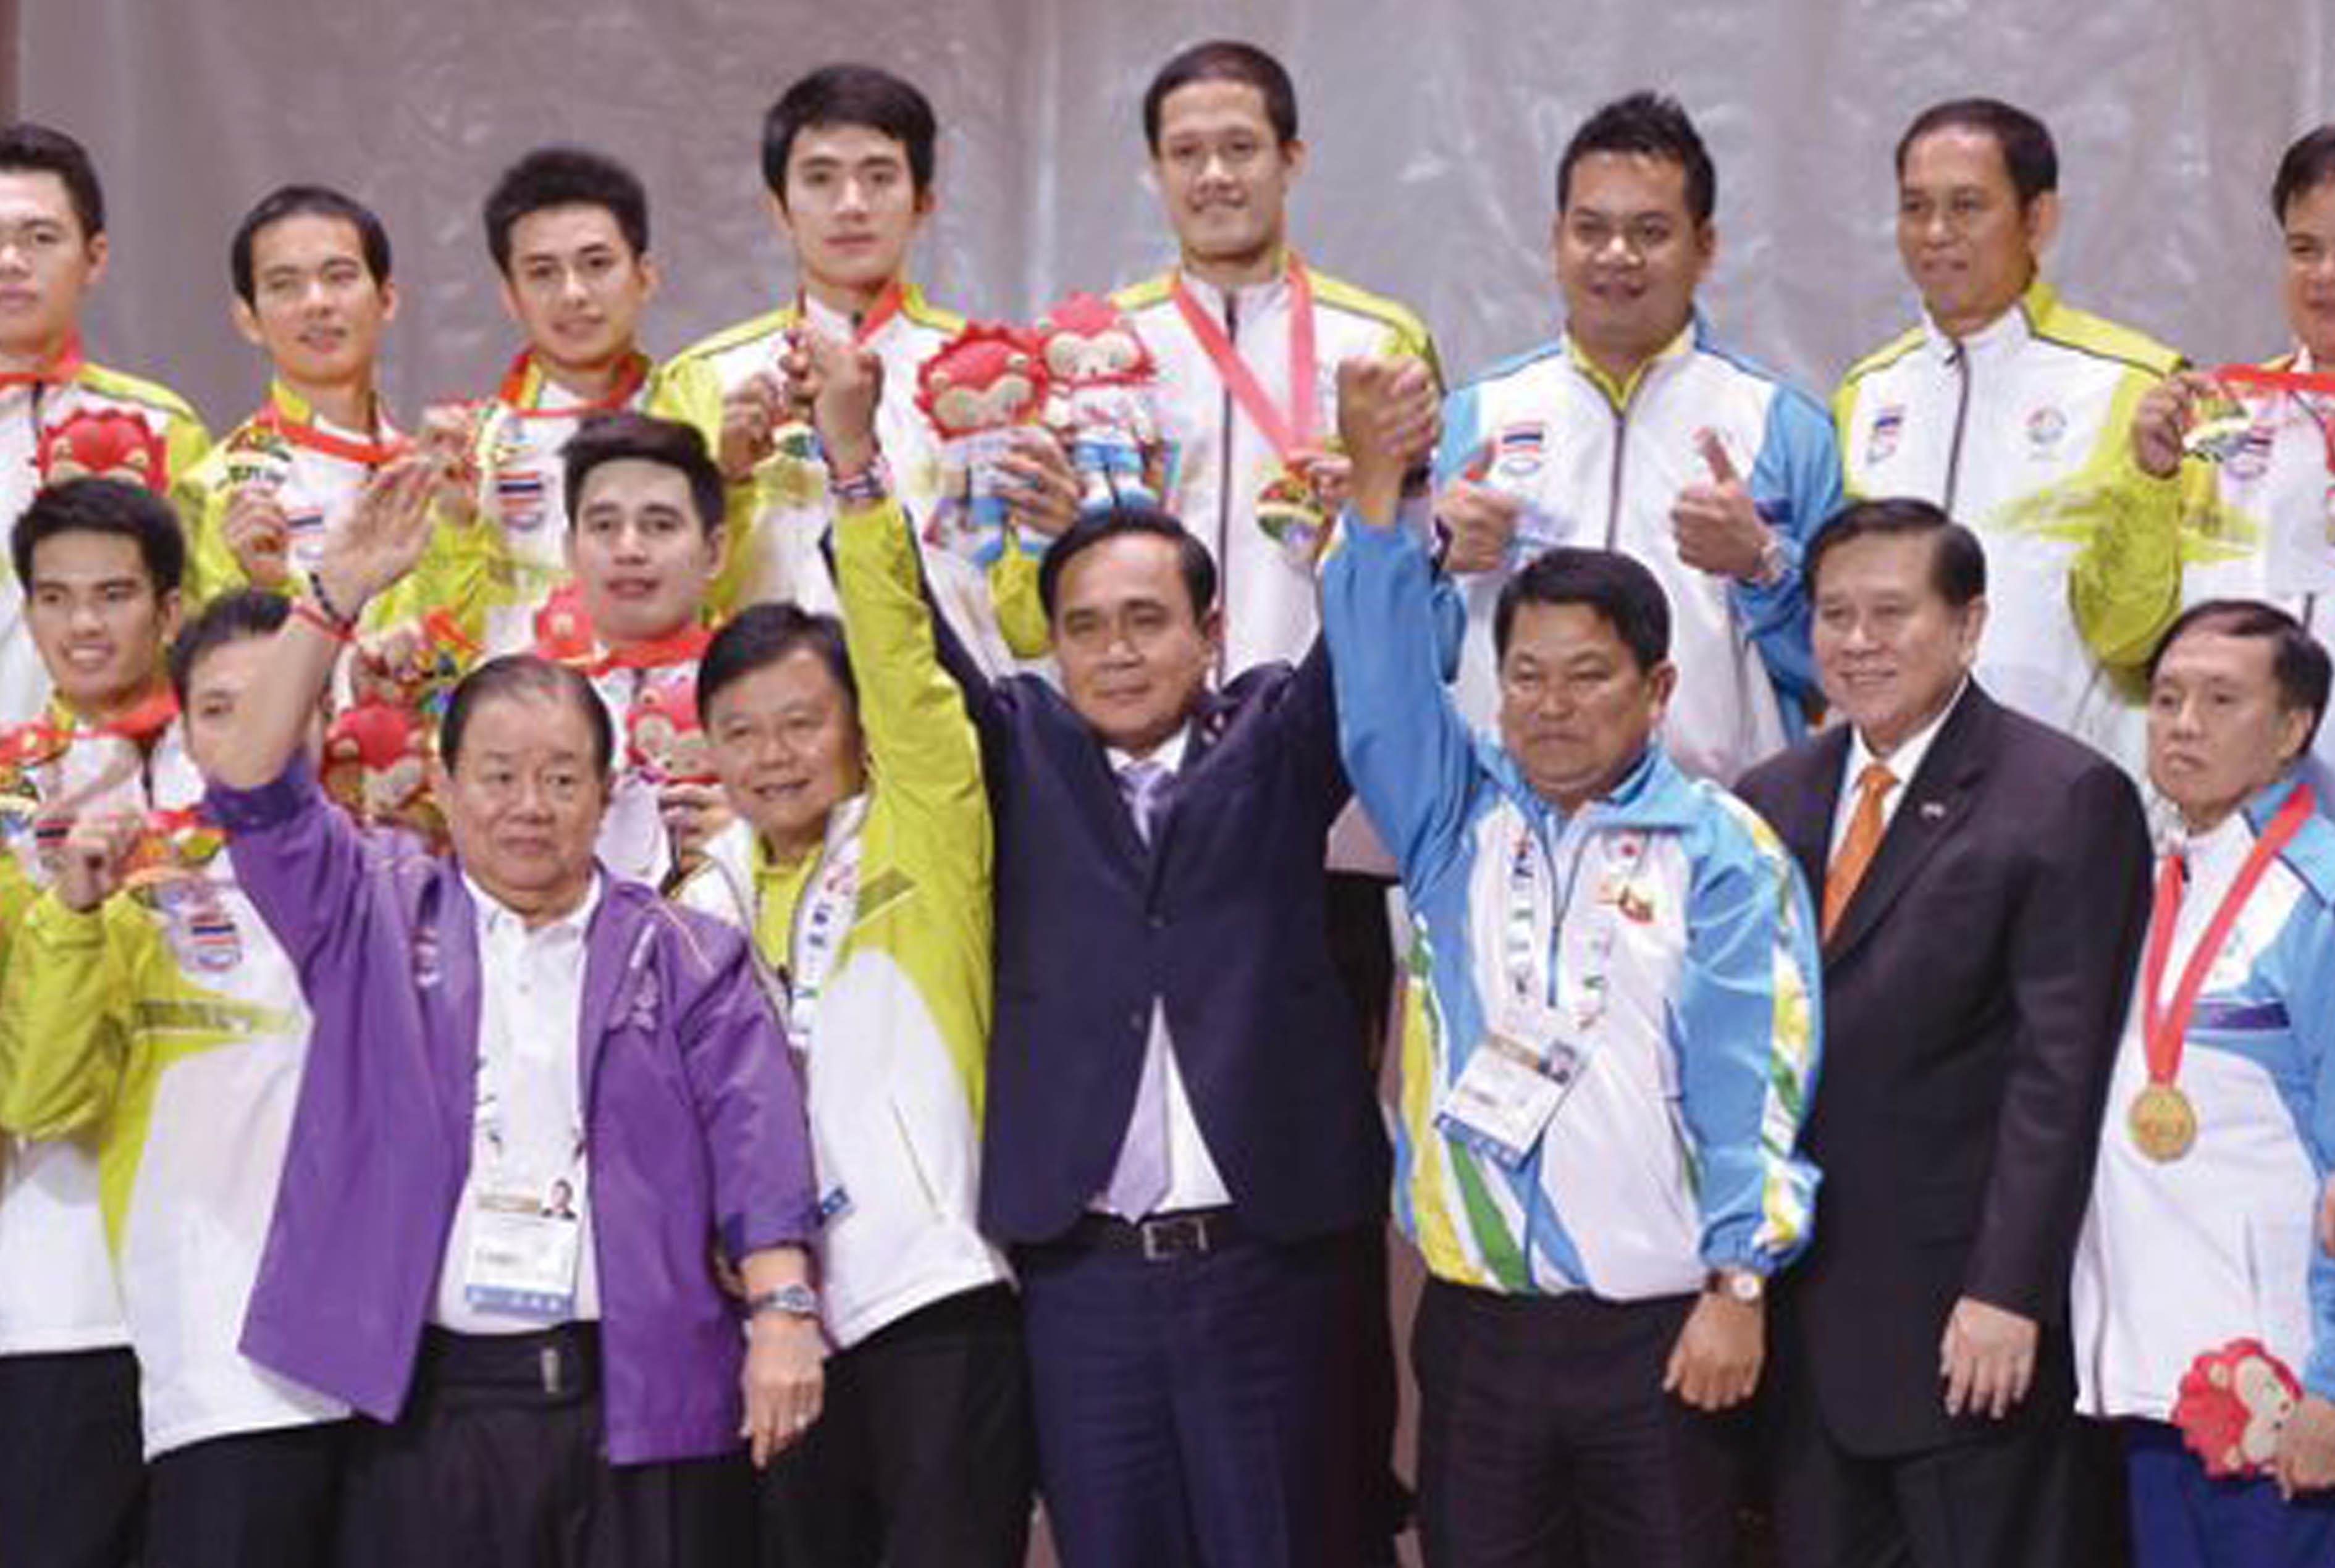 スポーツでも台頭するタイ〜東南アジア競技大会のハイライト - ワイズデジタル【タイで生活する人のための情報サイト】